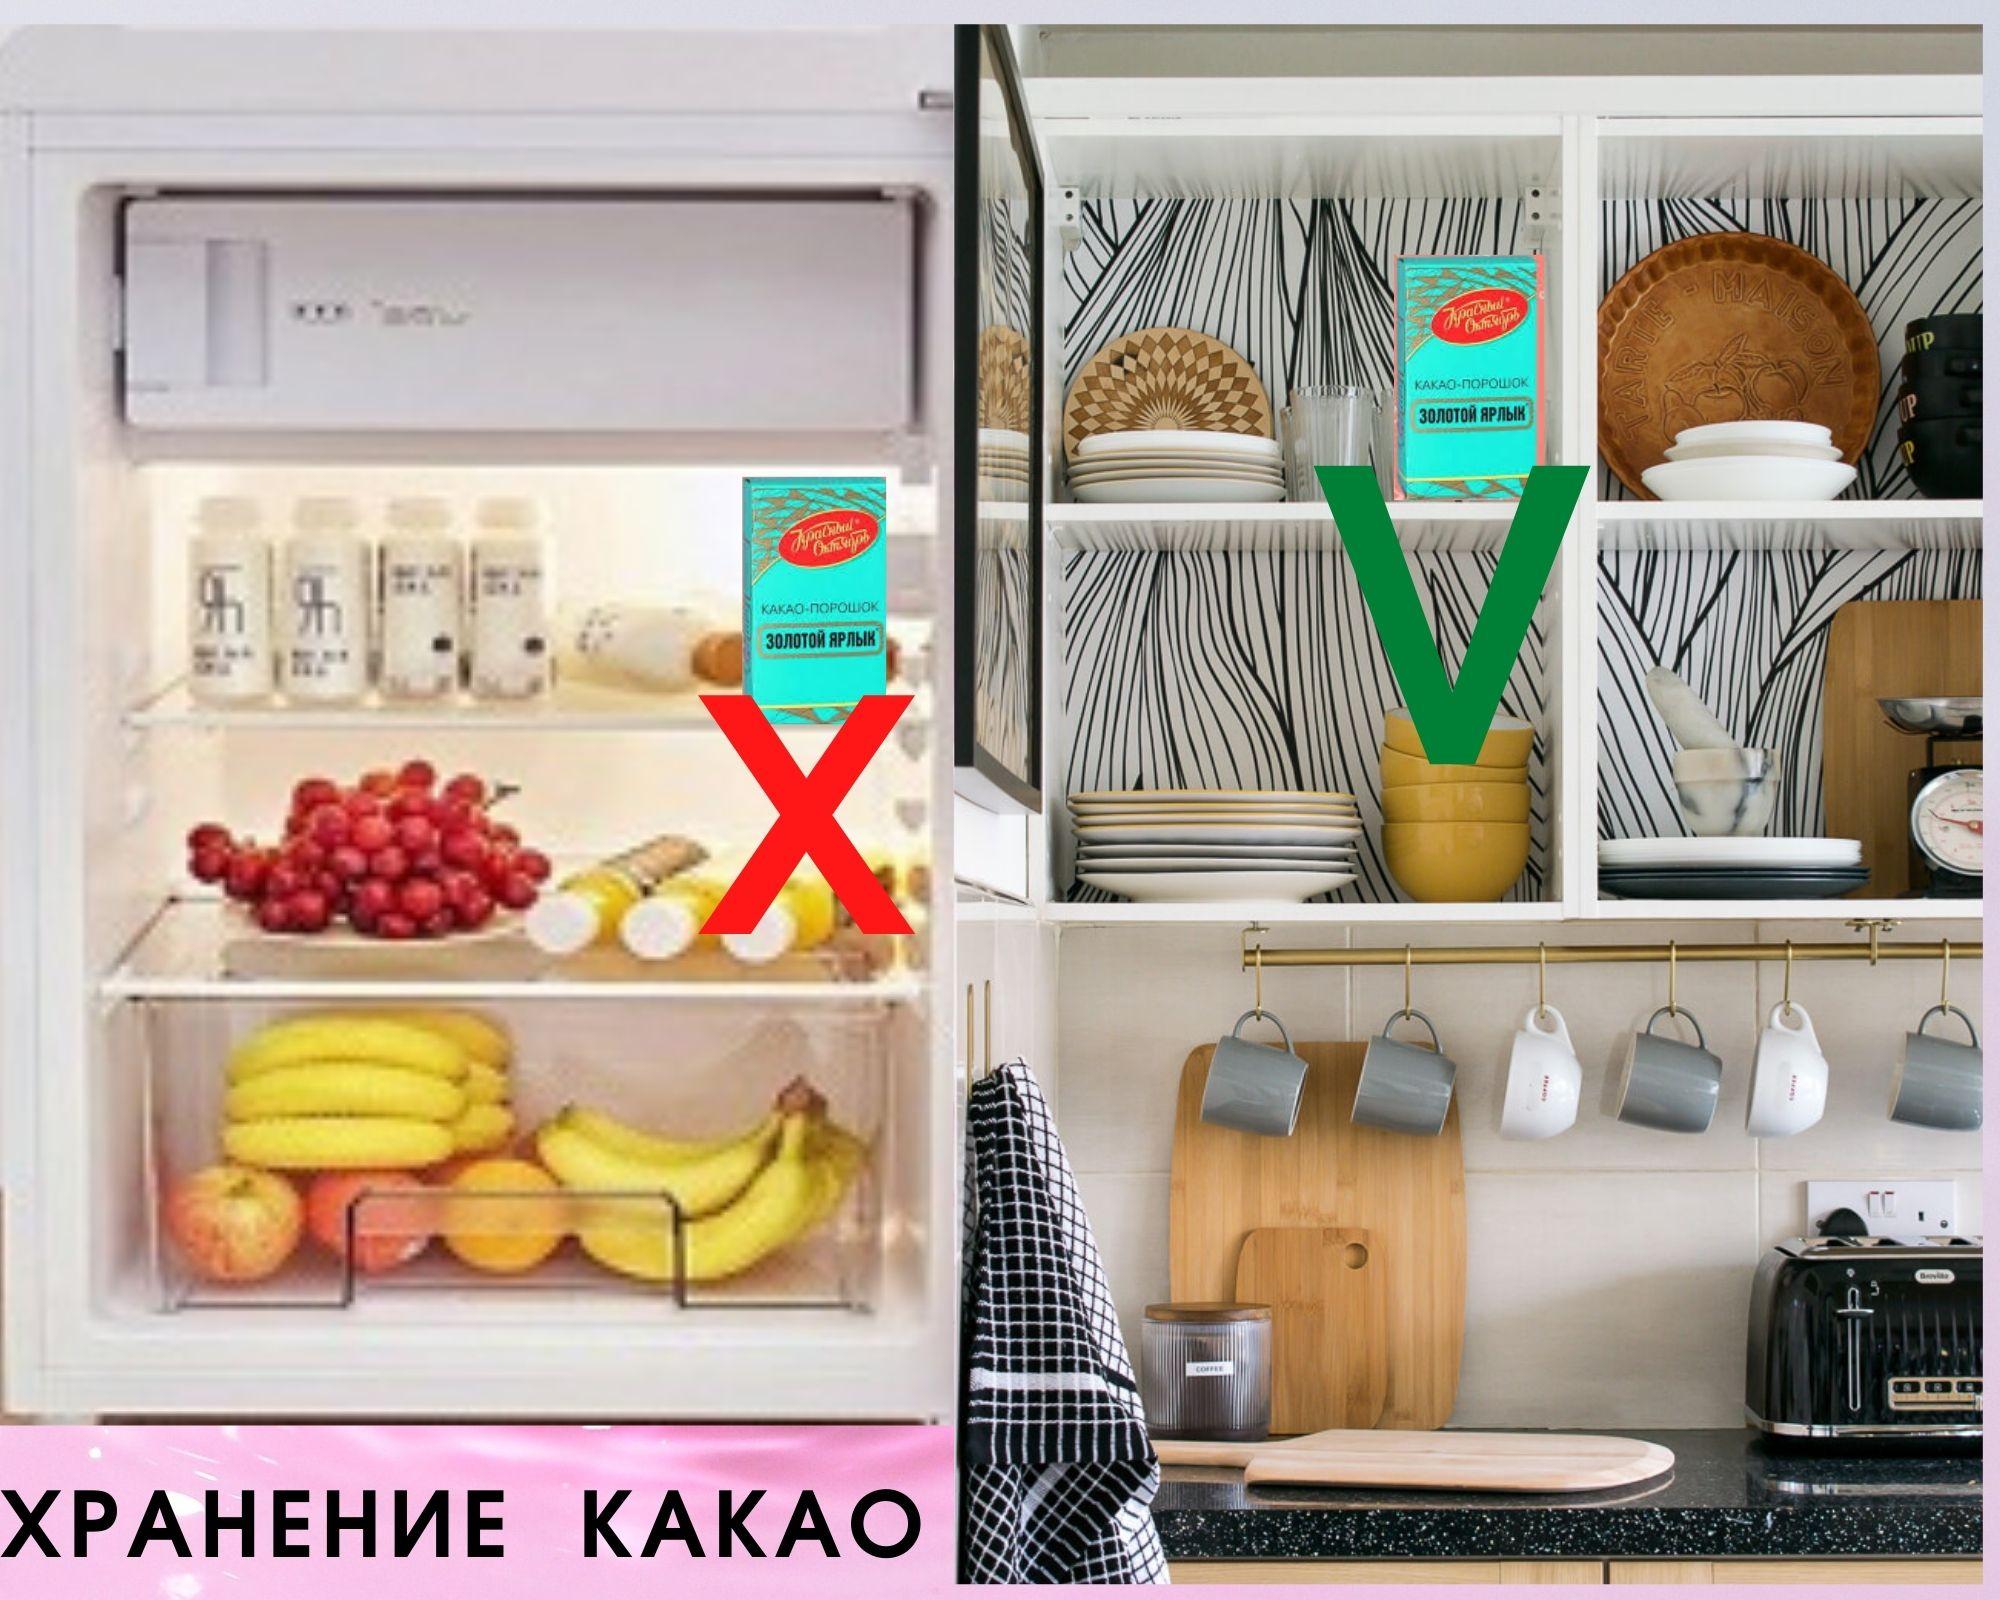 Фото Какао в холодильнике и на полке.